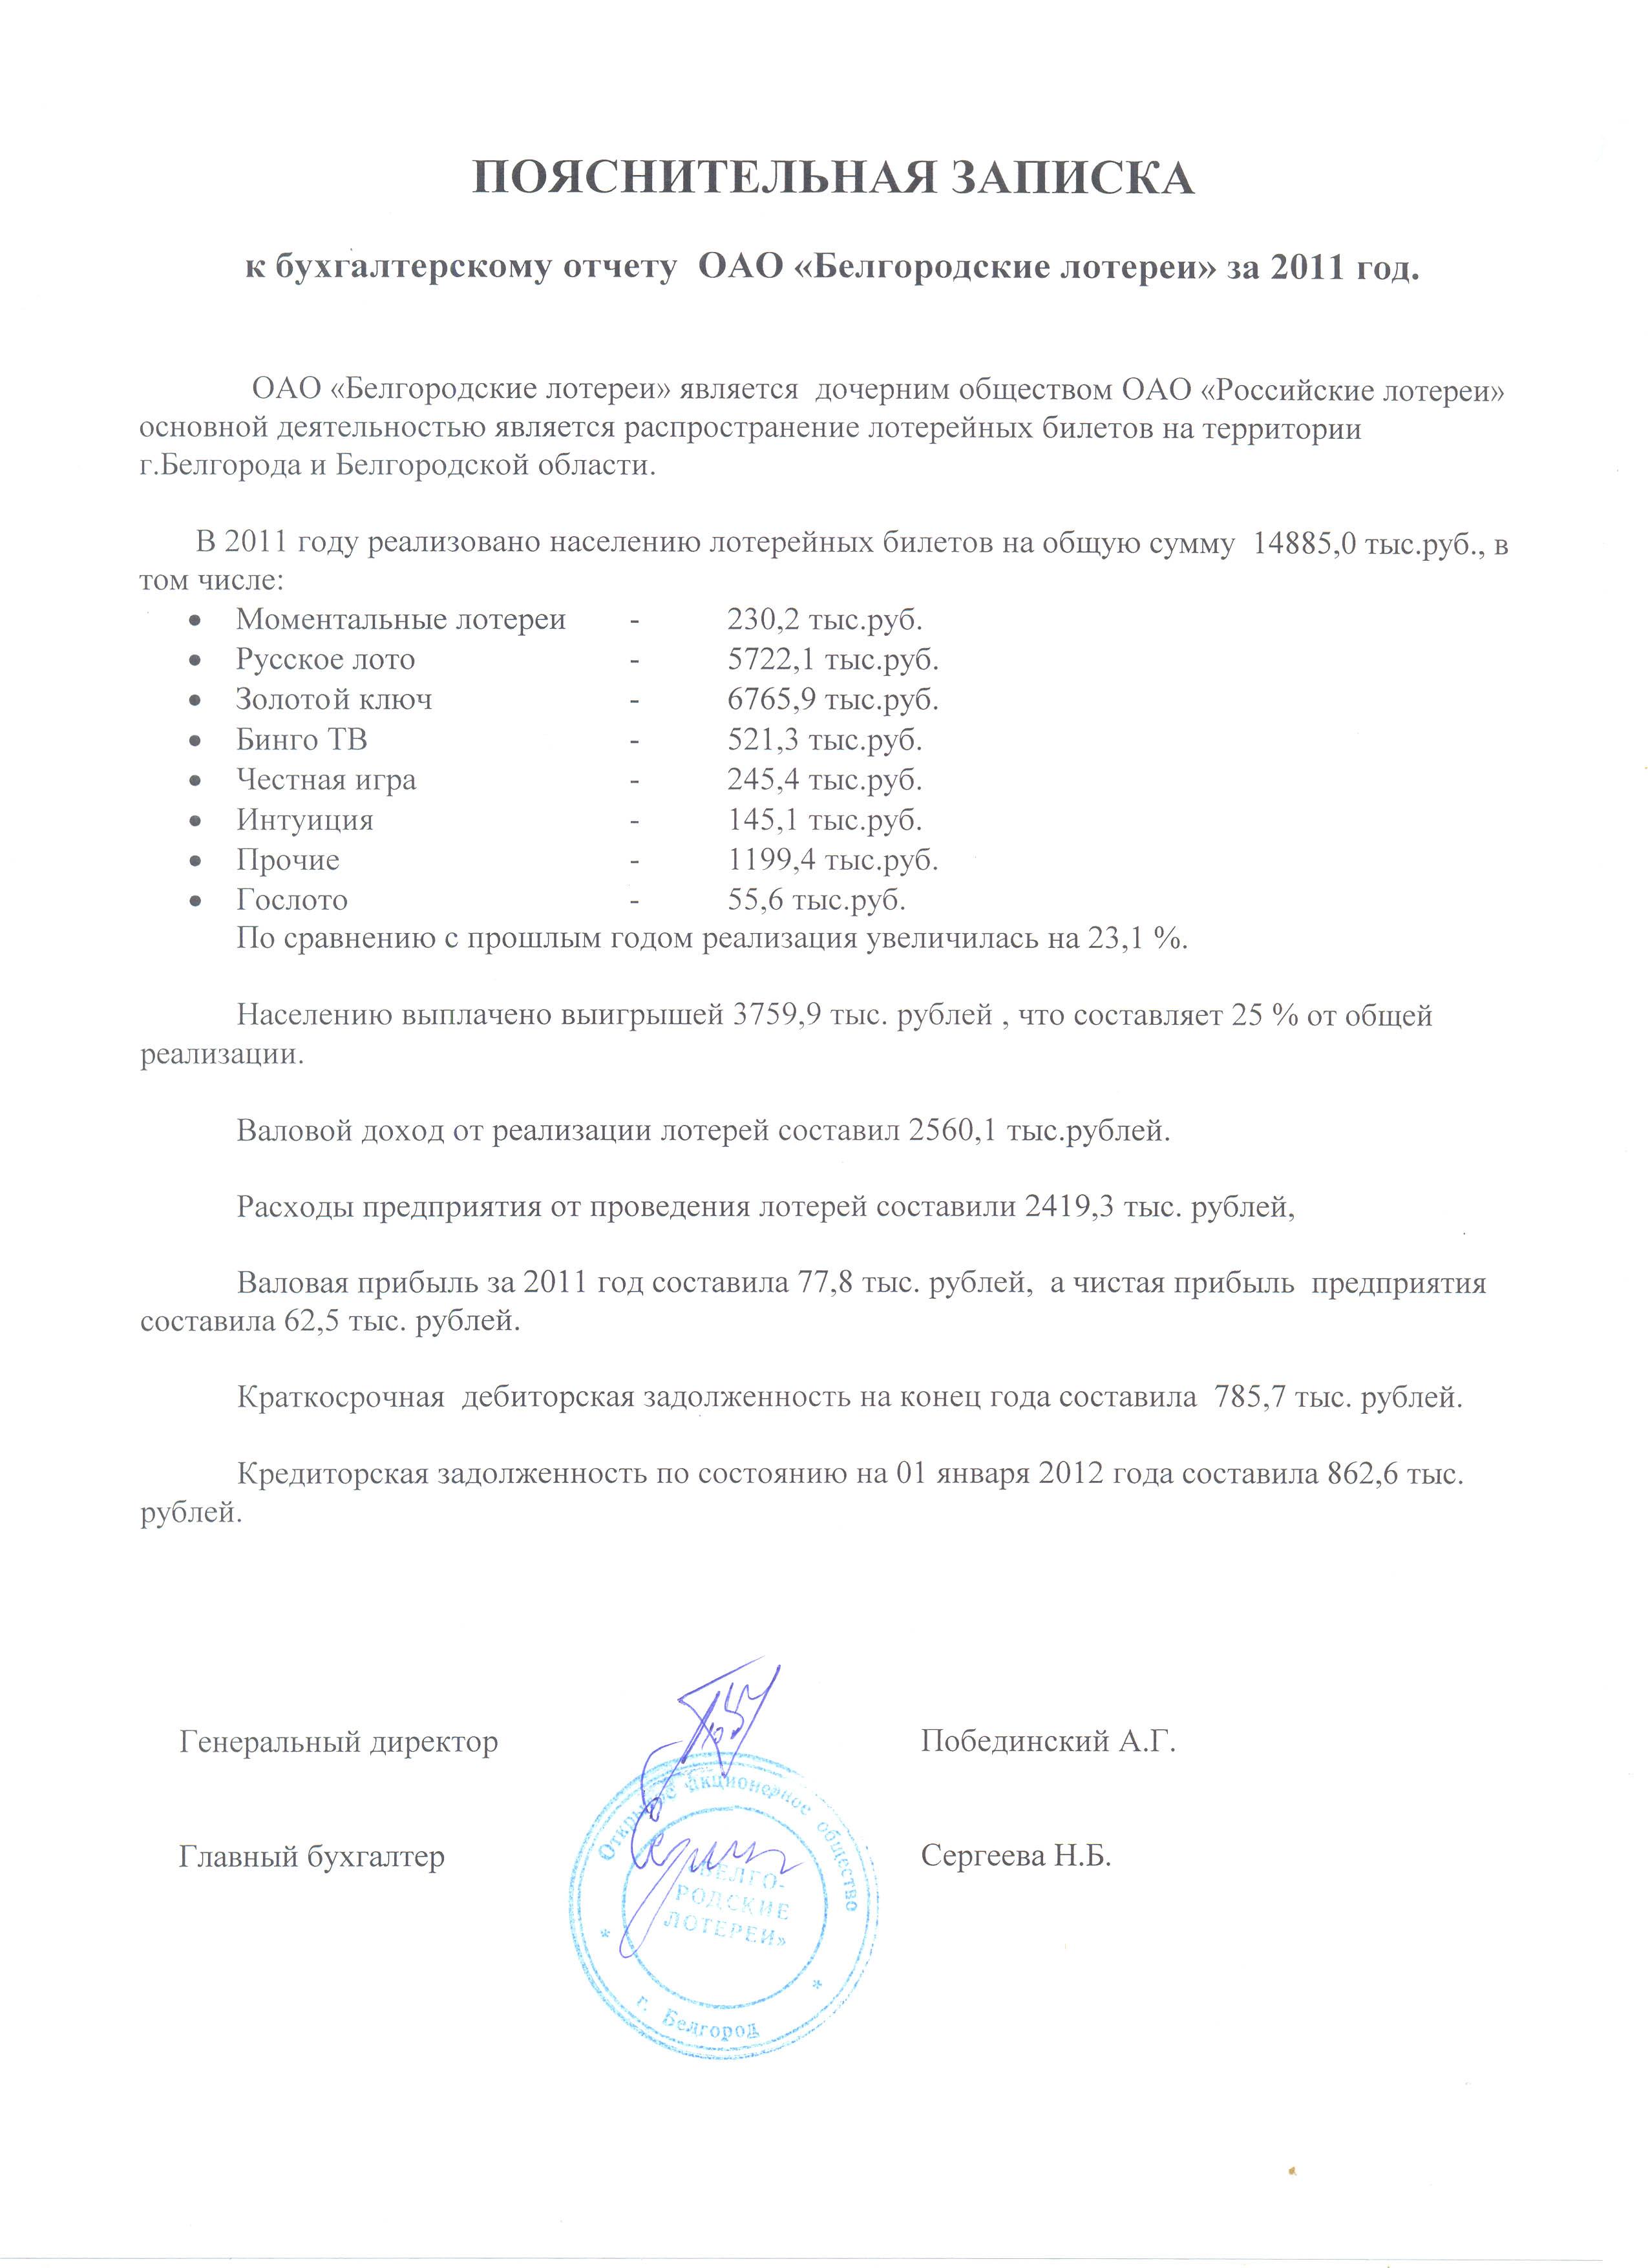 шпаргалка особенности составления пояснительной записки к отчетности